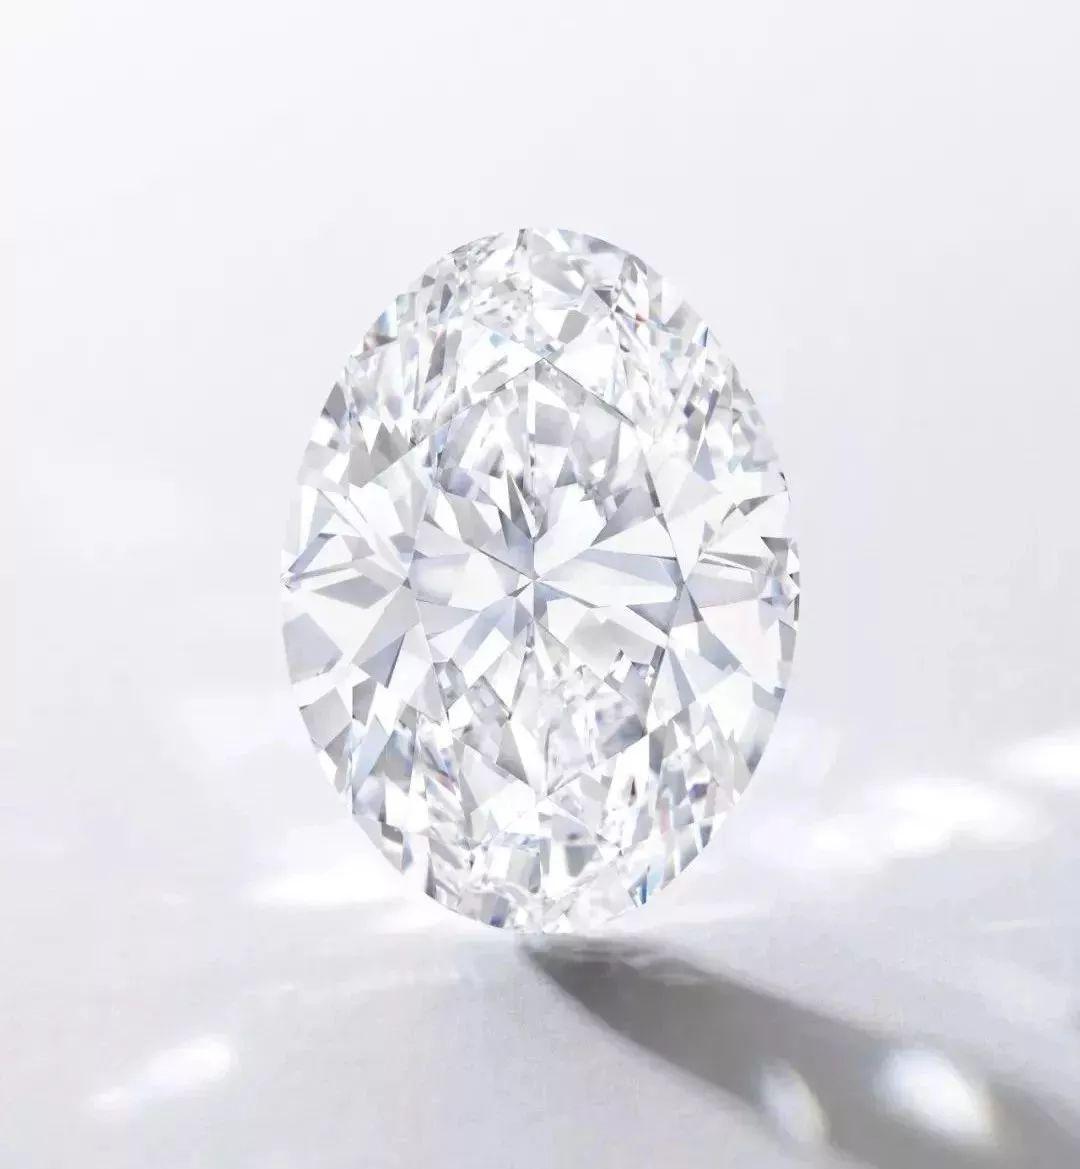 豪掷1亿为女儿买巨钻?再贵也得小心,这些珠宝孩子不能戴!